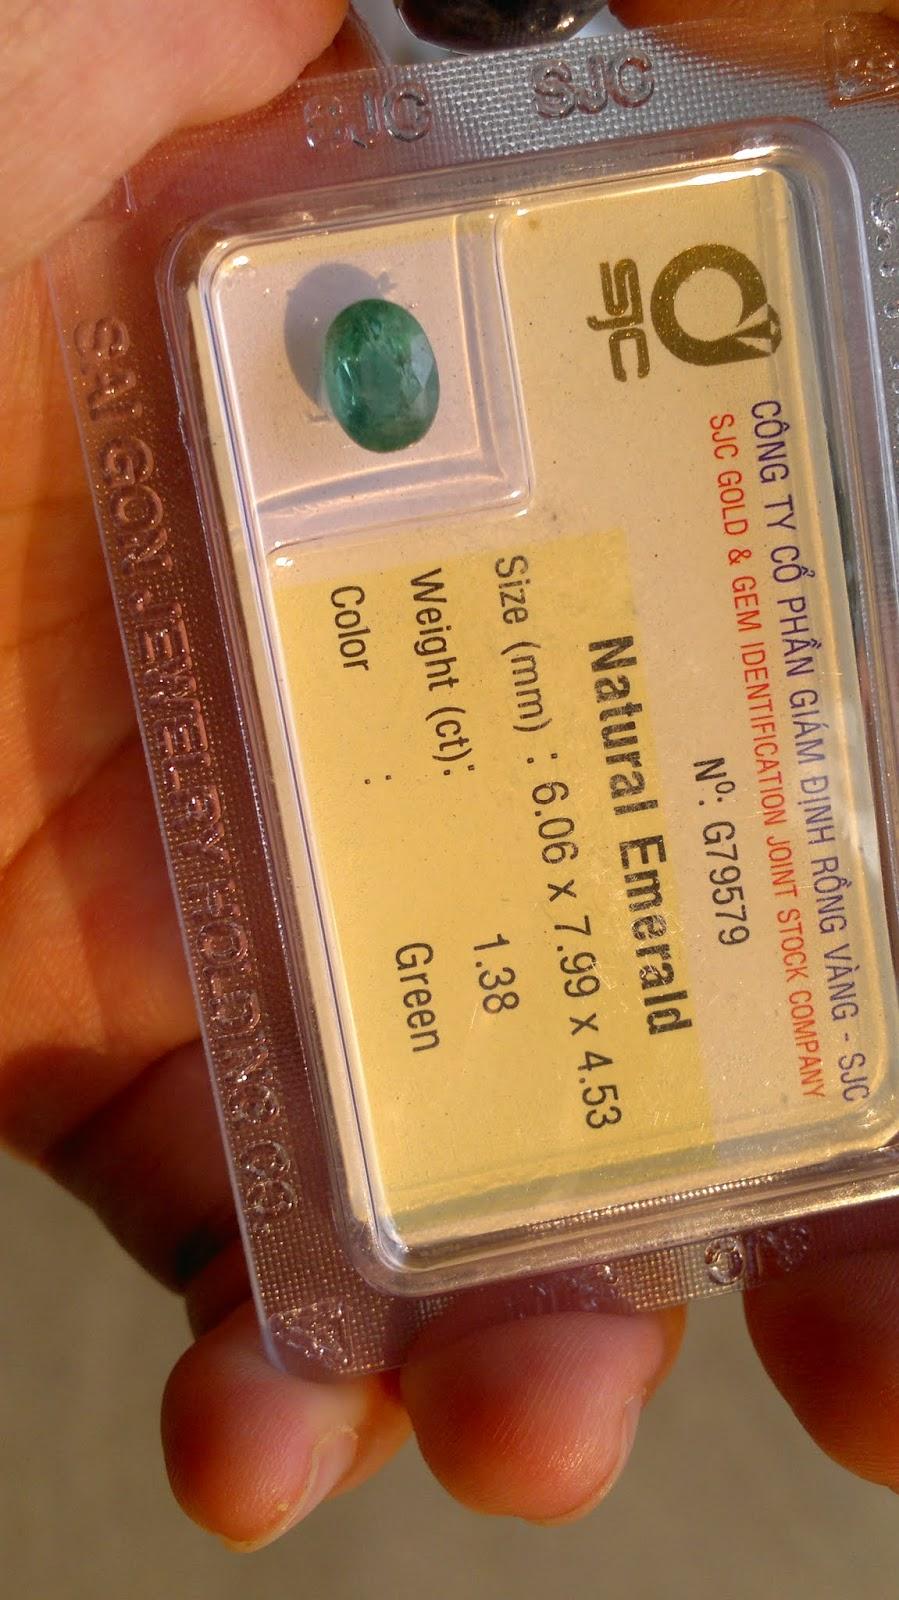 Đá quý Ngọc Lục Bảo, Natural Emerald 1.38cts hình oval đã kiểm định SJC